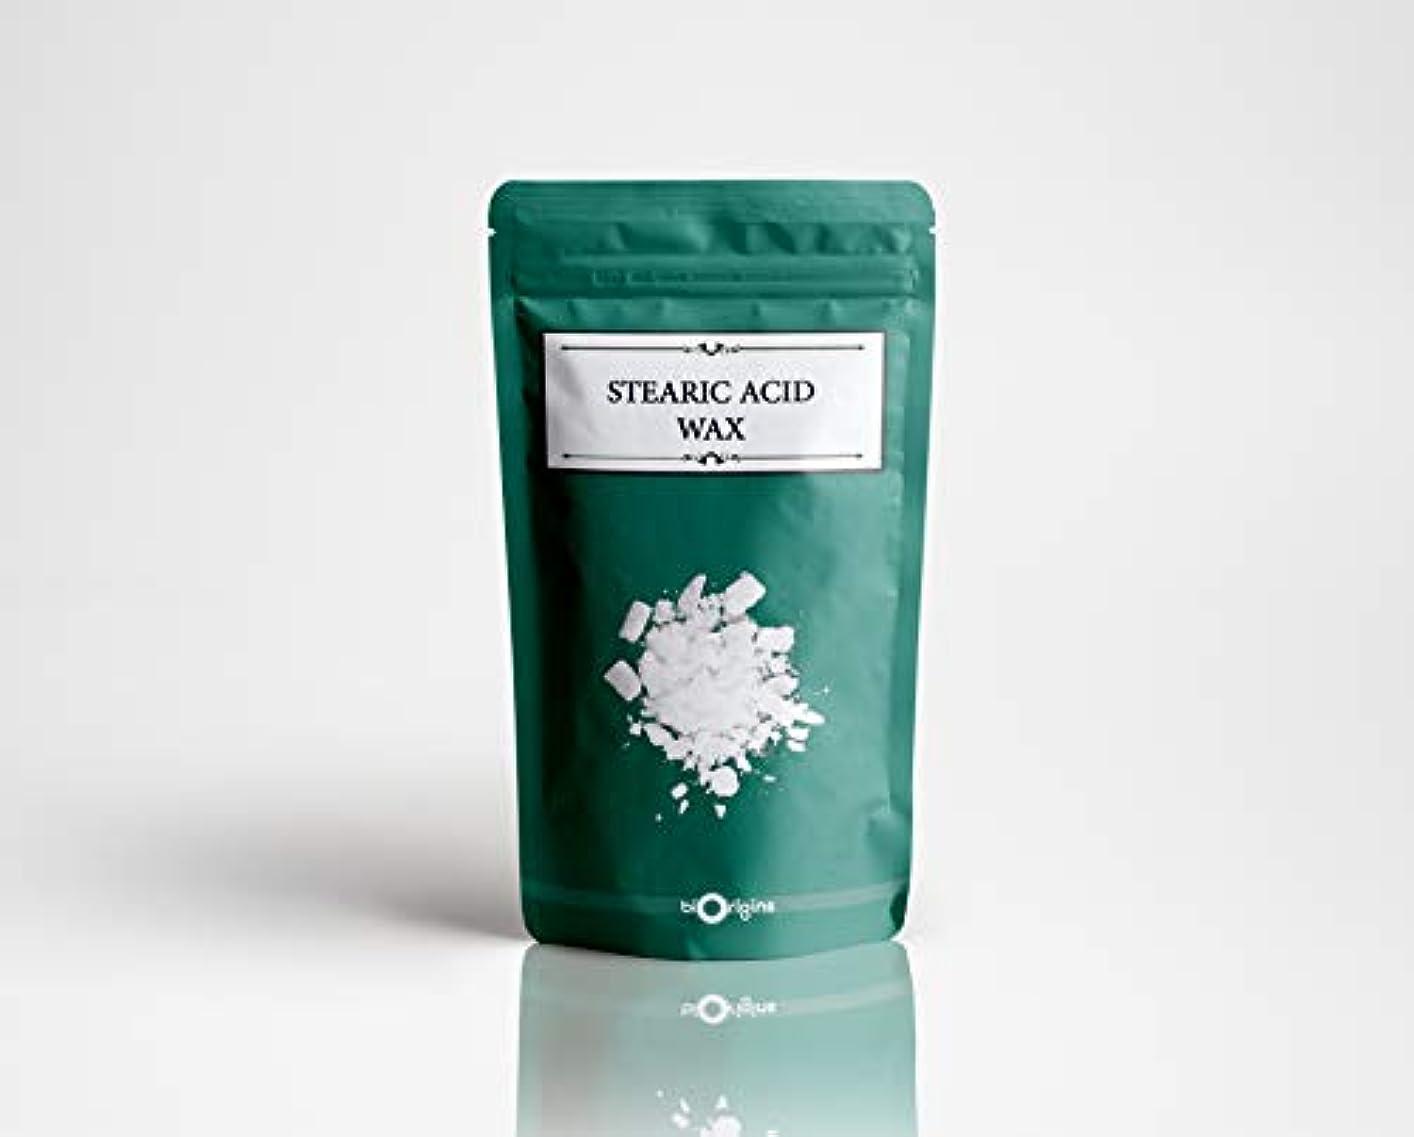 ルネッサンスマングル広まったStearic Acid Wax 100g